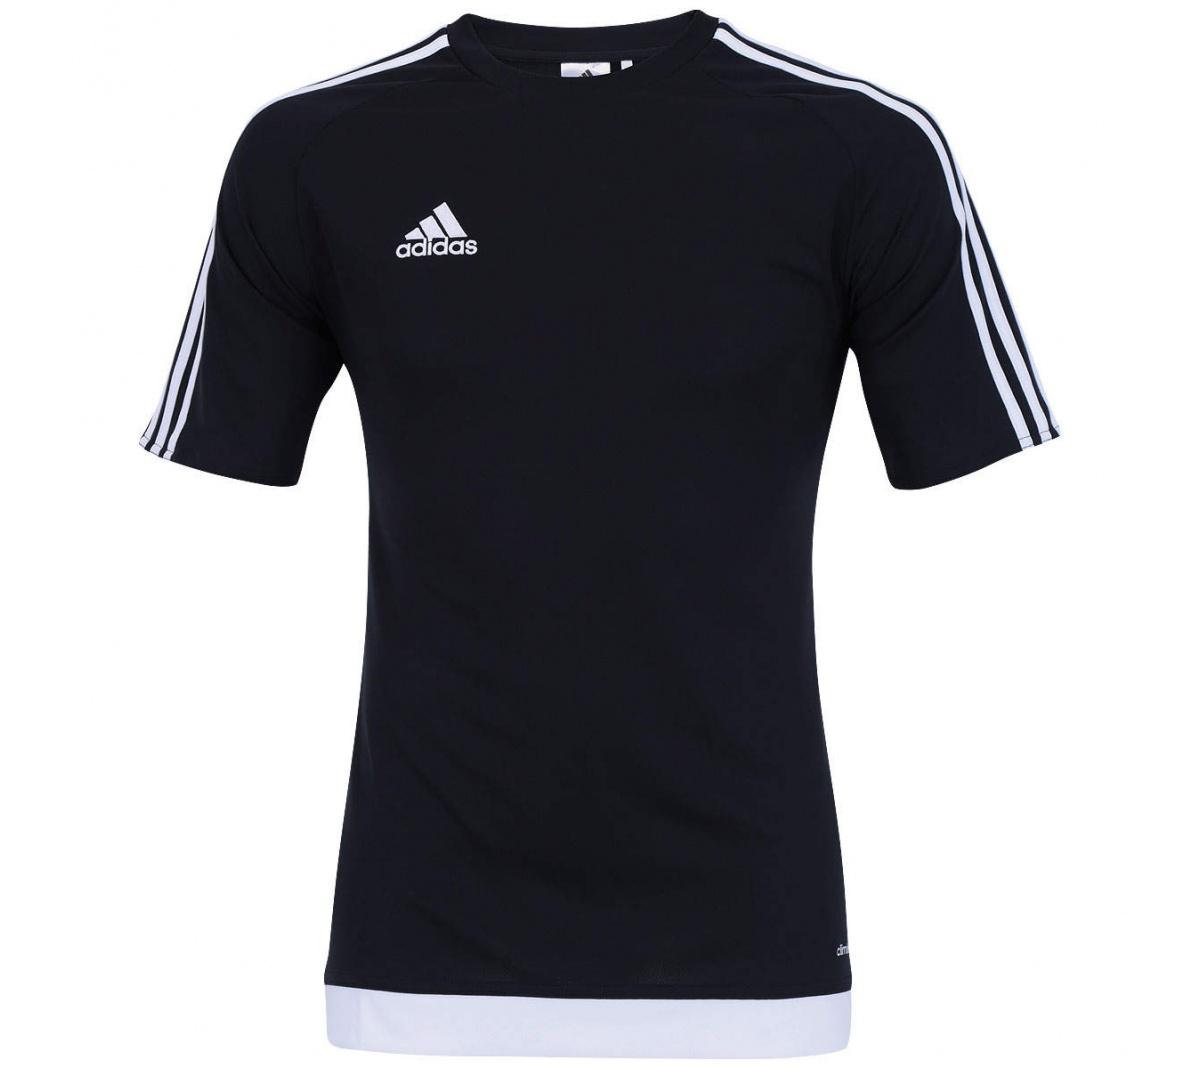 Camisa Adidas Estro 15 Preto Branco - Mundo do Futebol 8414b78e621af